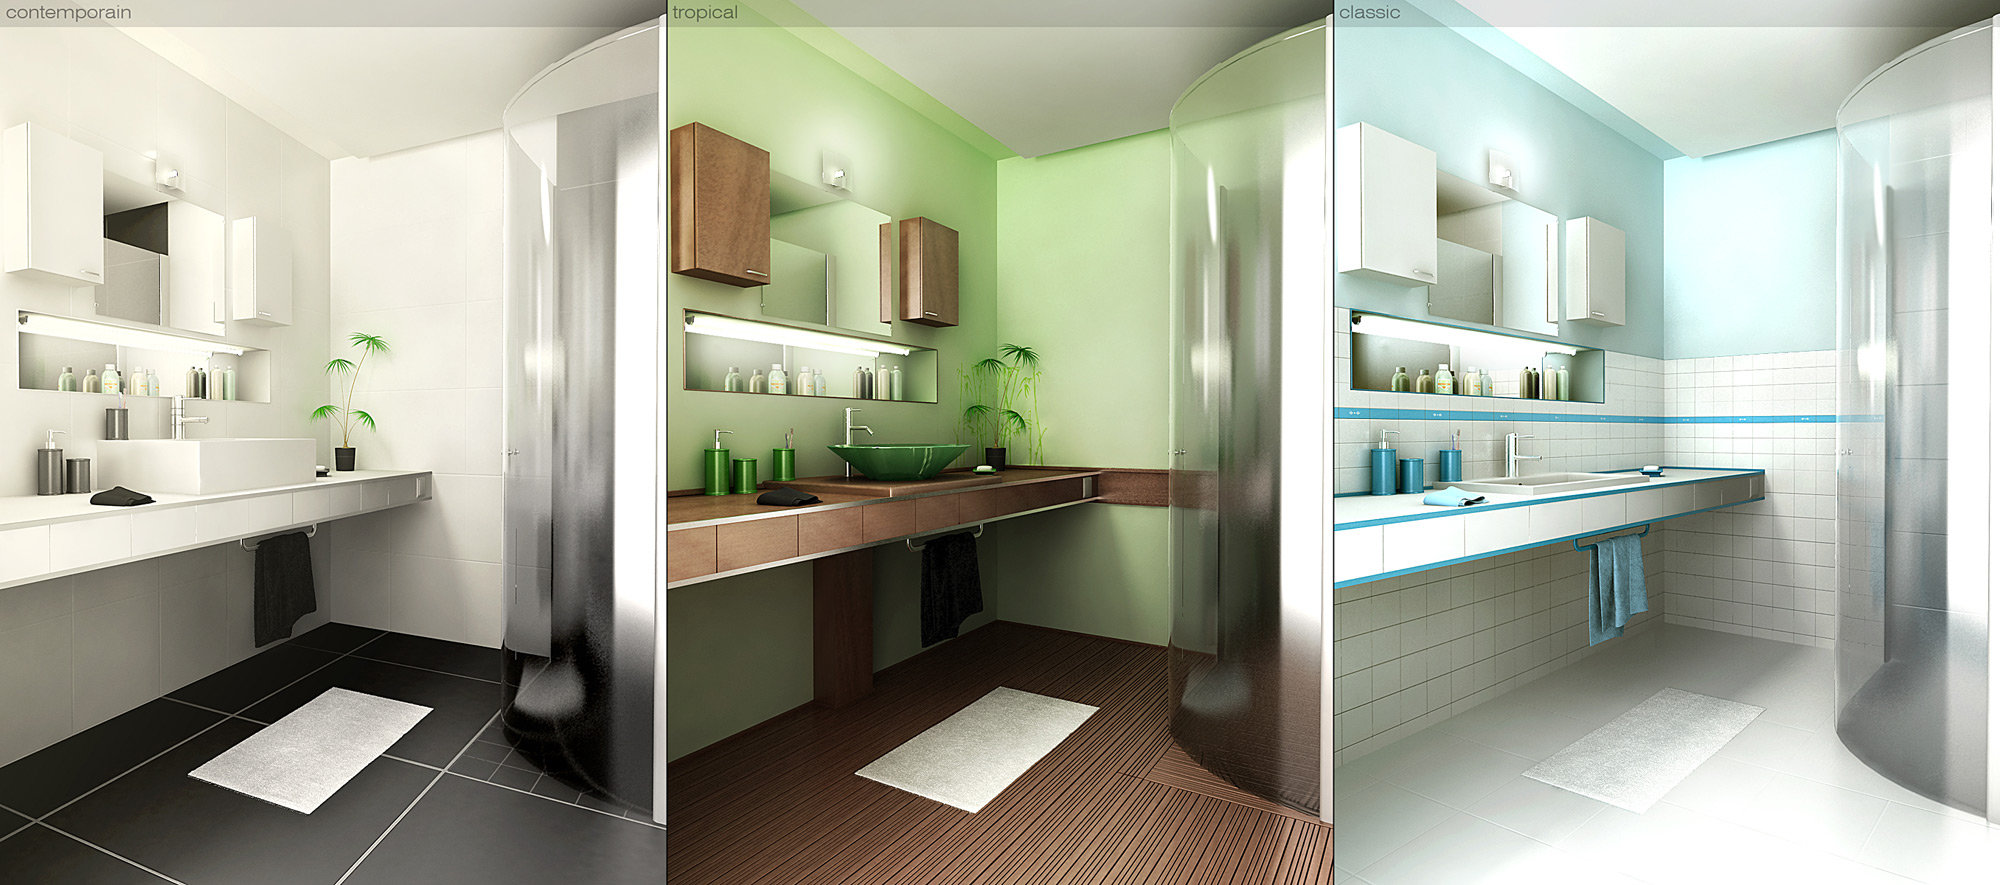 decorar el baño con tres ambientes diferentes